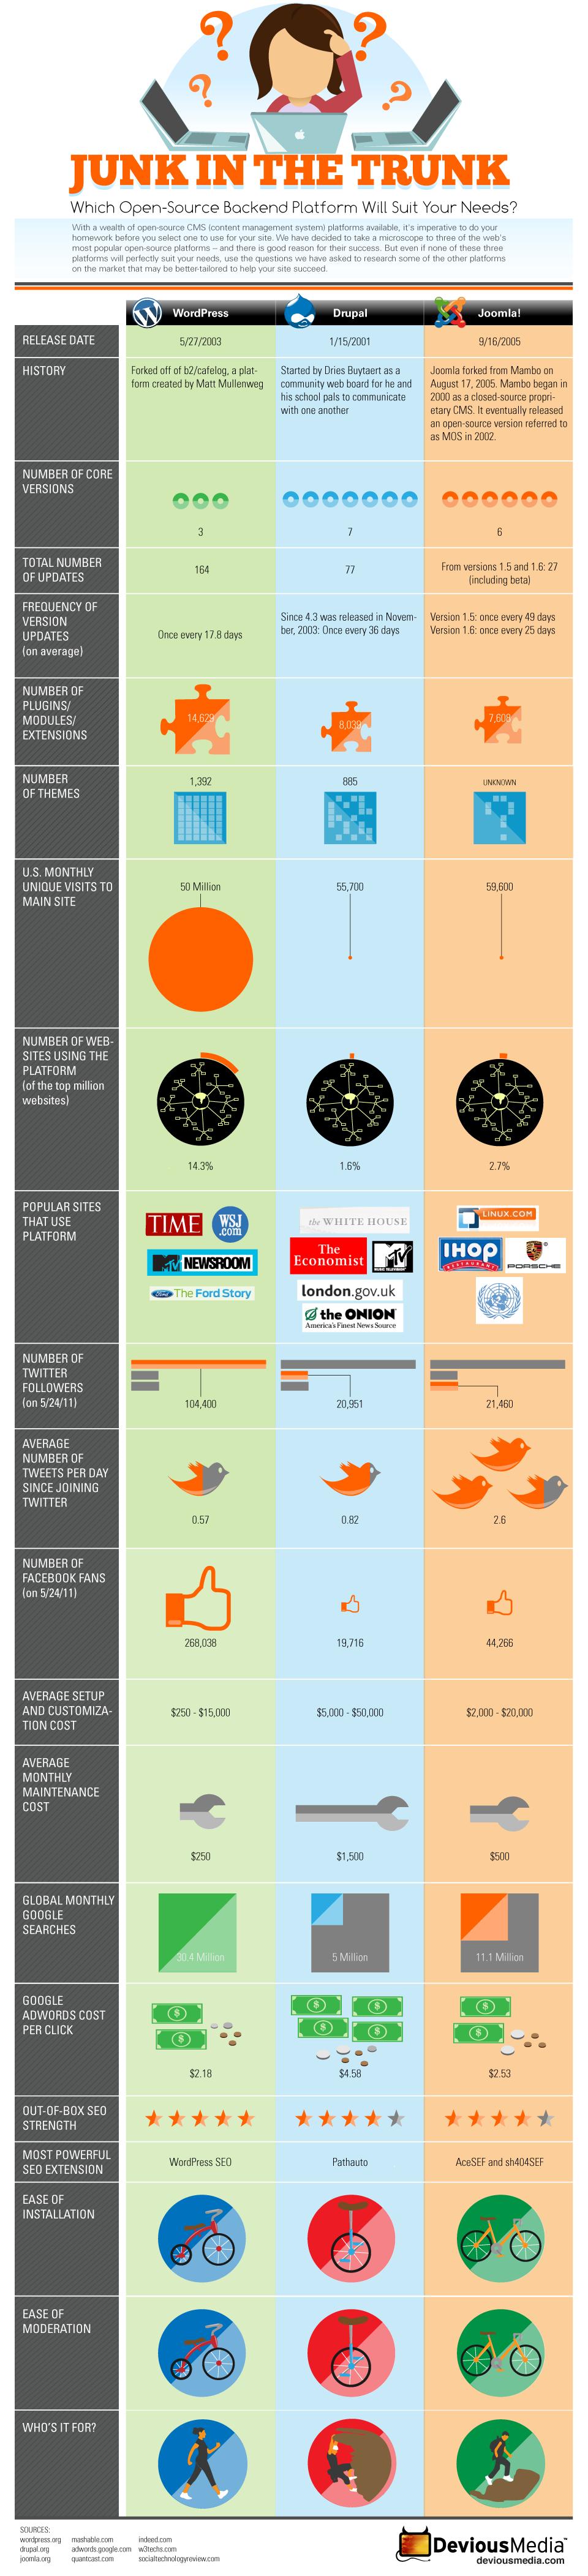 comparaison-des-CMS-JOomla-Wordpress-et-Drupal-